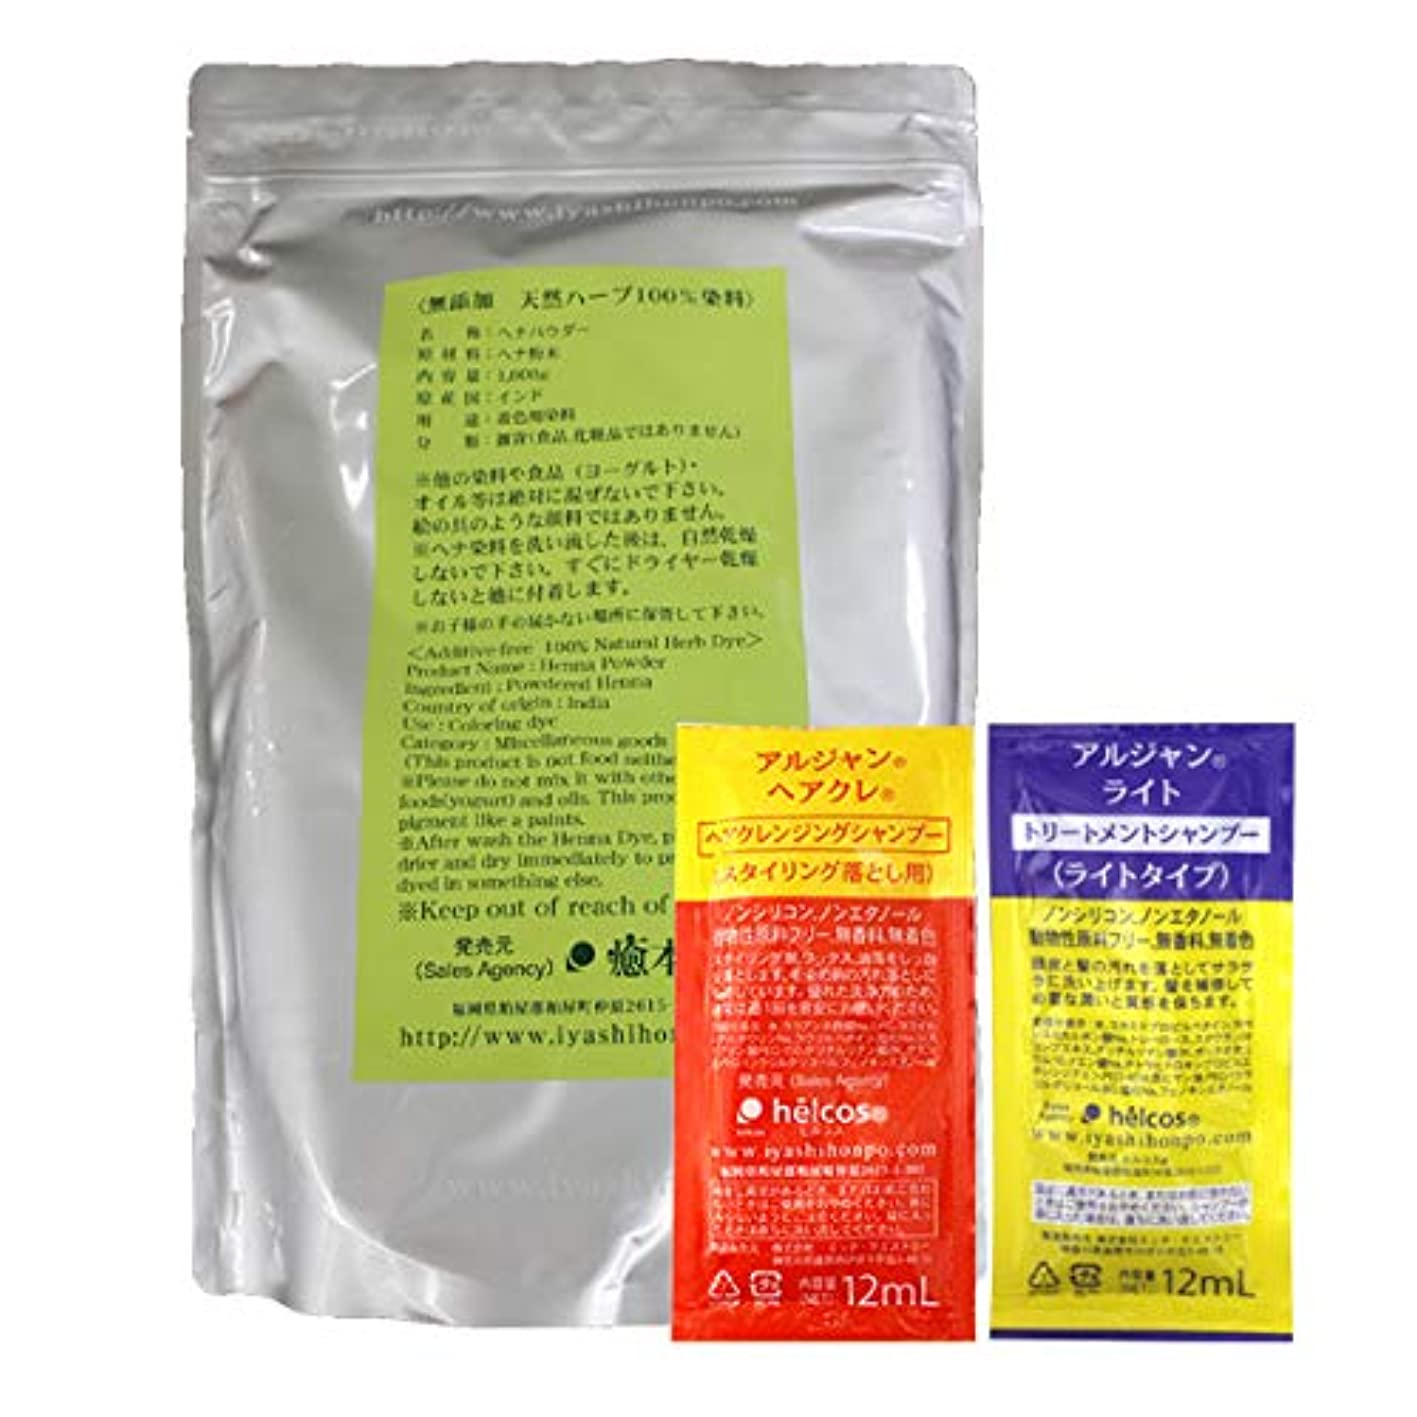 白髪染め ヘナ(天然染料100%) 1,000g + シャンプー2種セット 癒本舗(ブラウン)